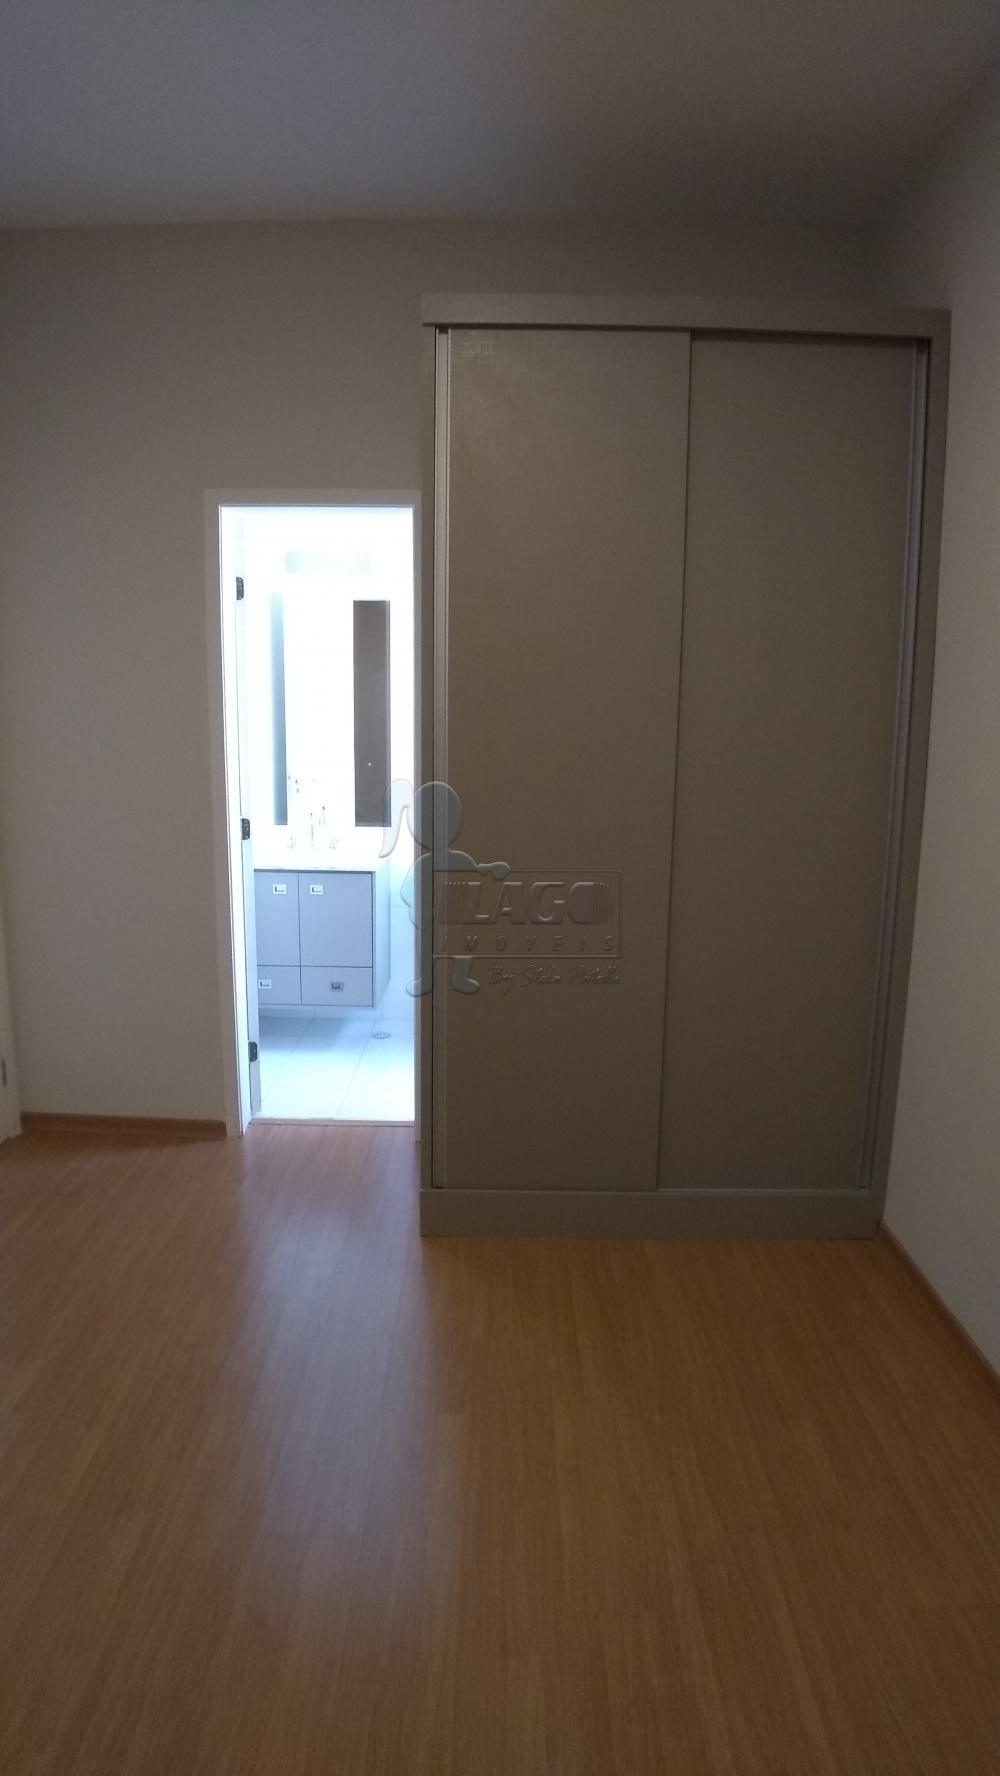 Comprar Casas / Sobrado em Ribeirão Preto apenas R$ 740.000,00 - Foto 21